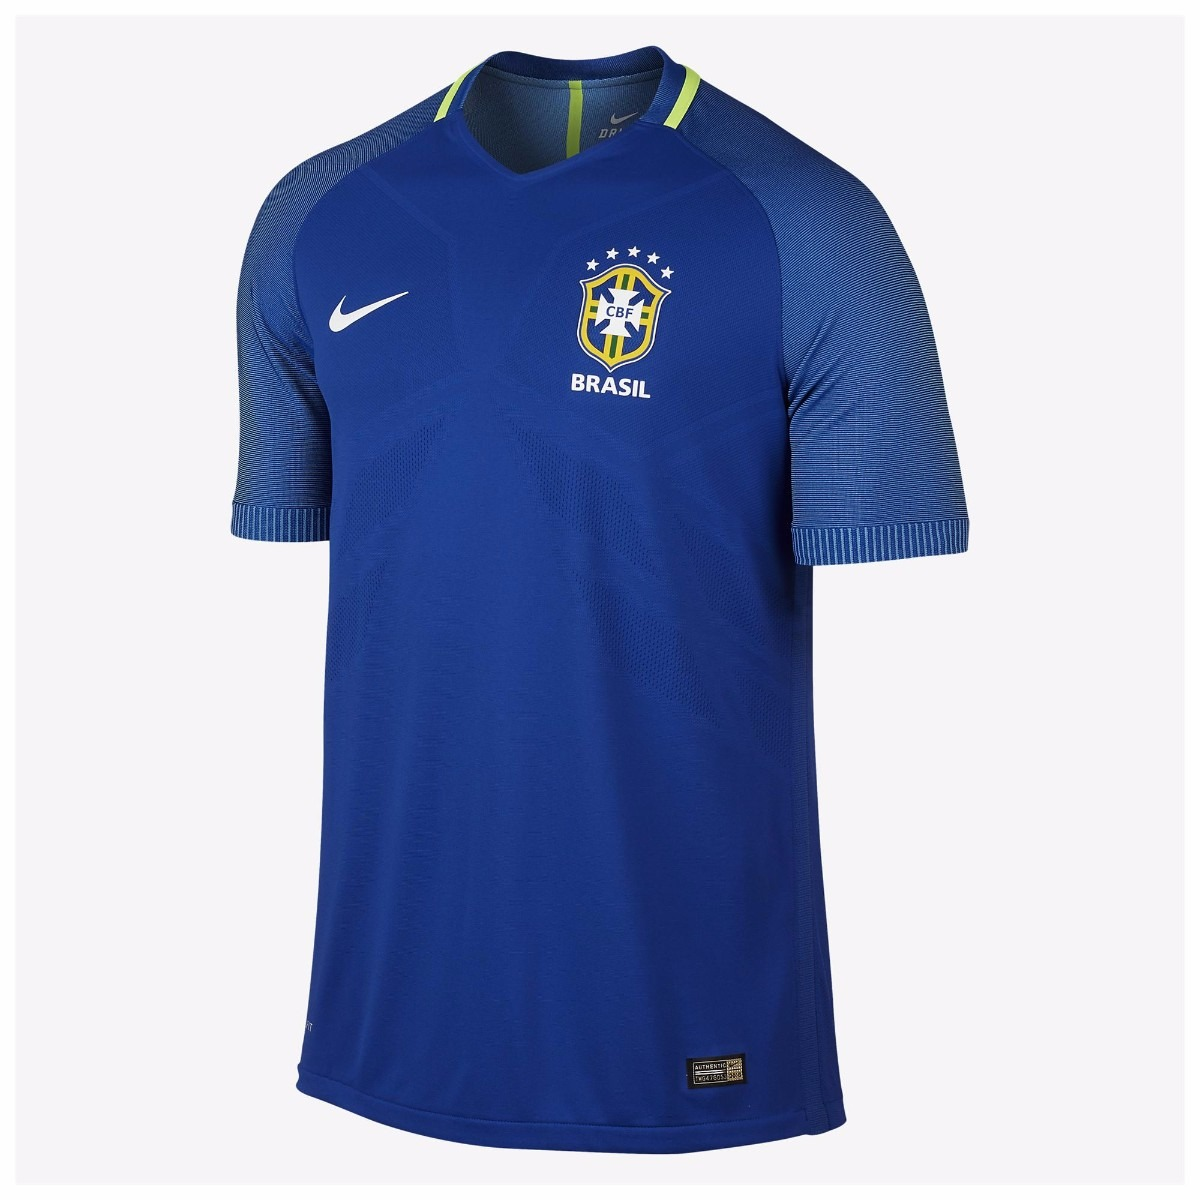 9b19d9f69a camisa seleção brasileira 2 azul 2017 2018 a pronta entrega. Carregando zoom .